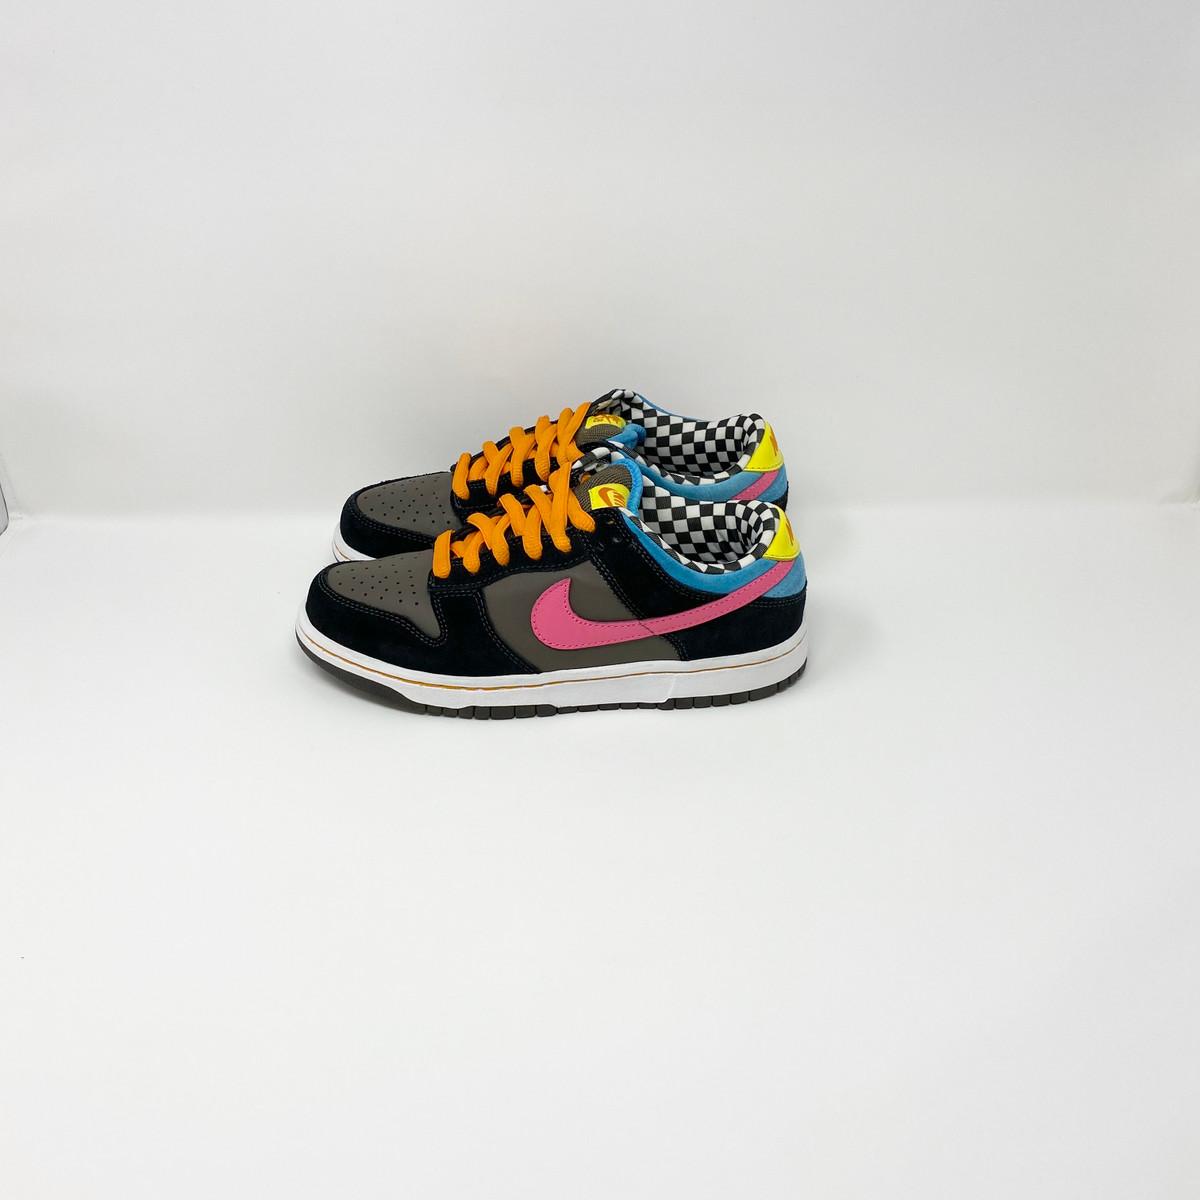 Nike Dunk Low Pro SB 720 Degrees